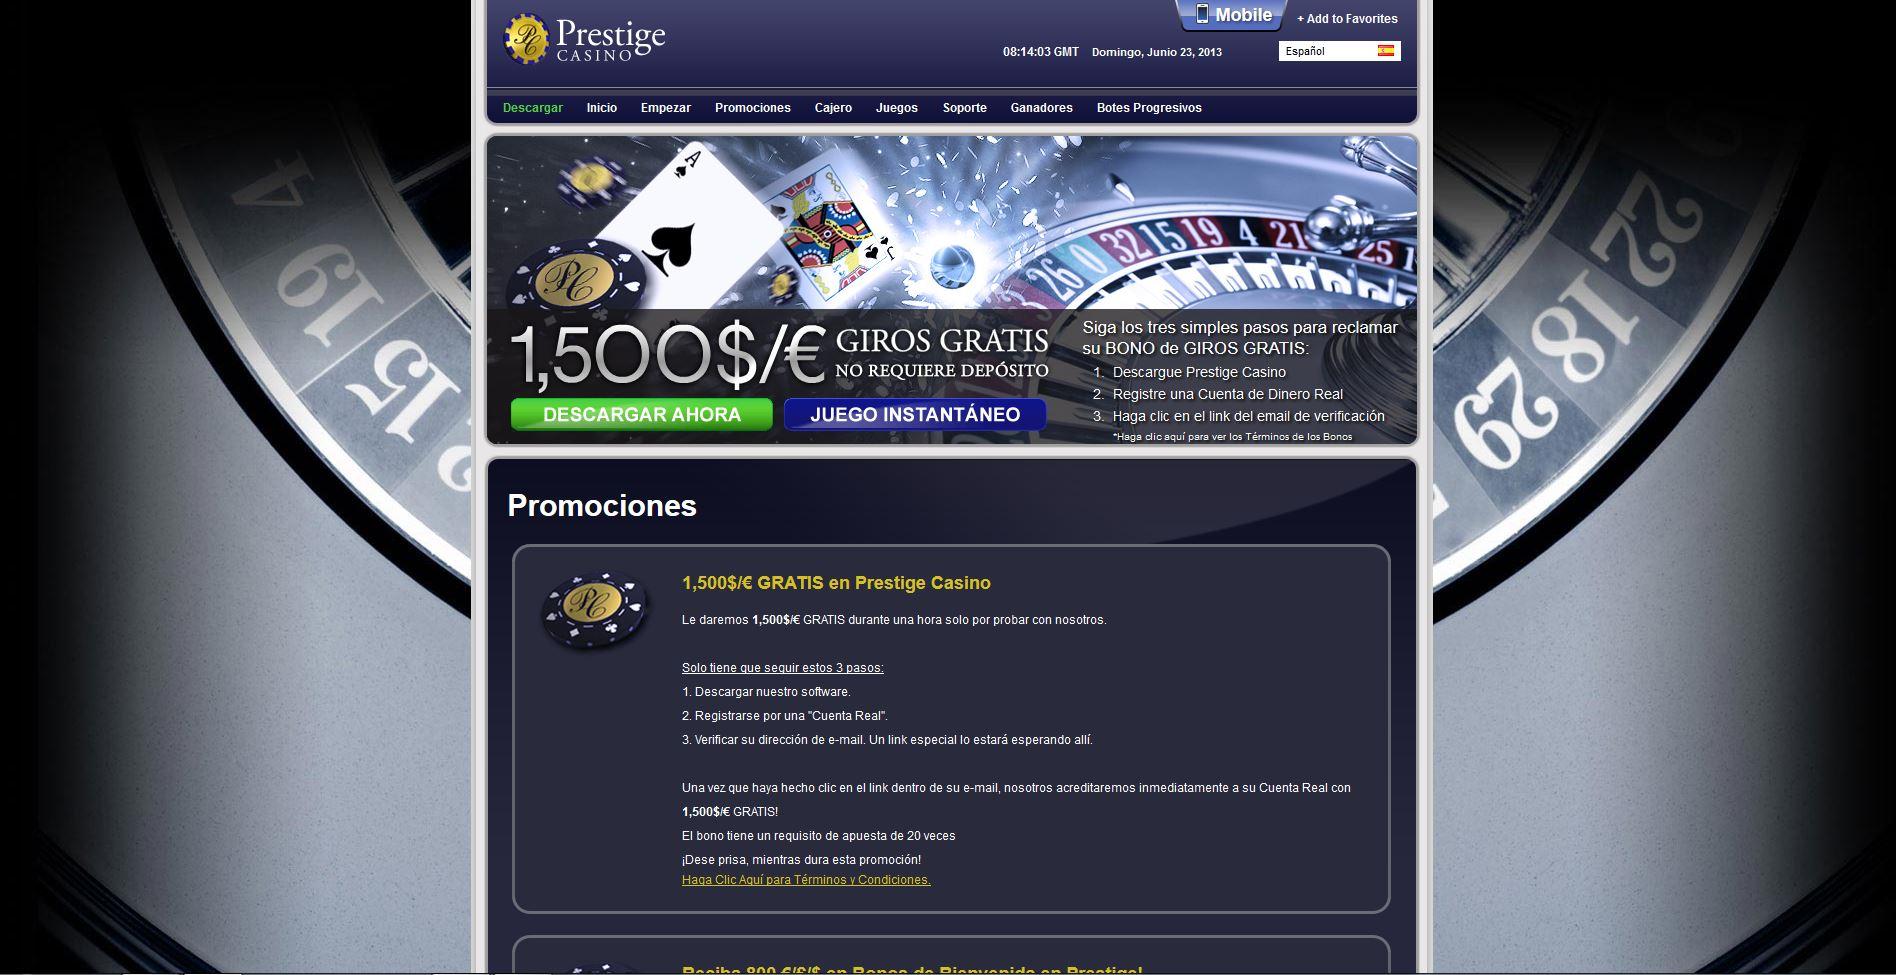 Promociones para casinos online slotsMillion-227503